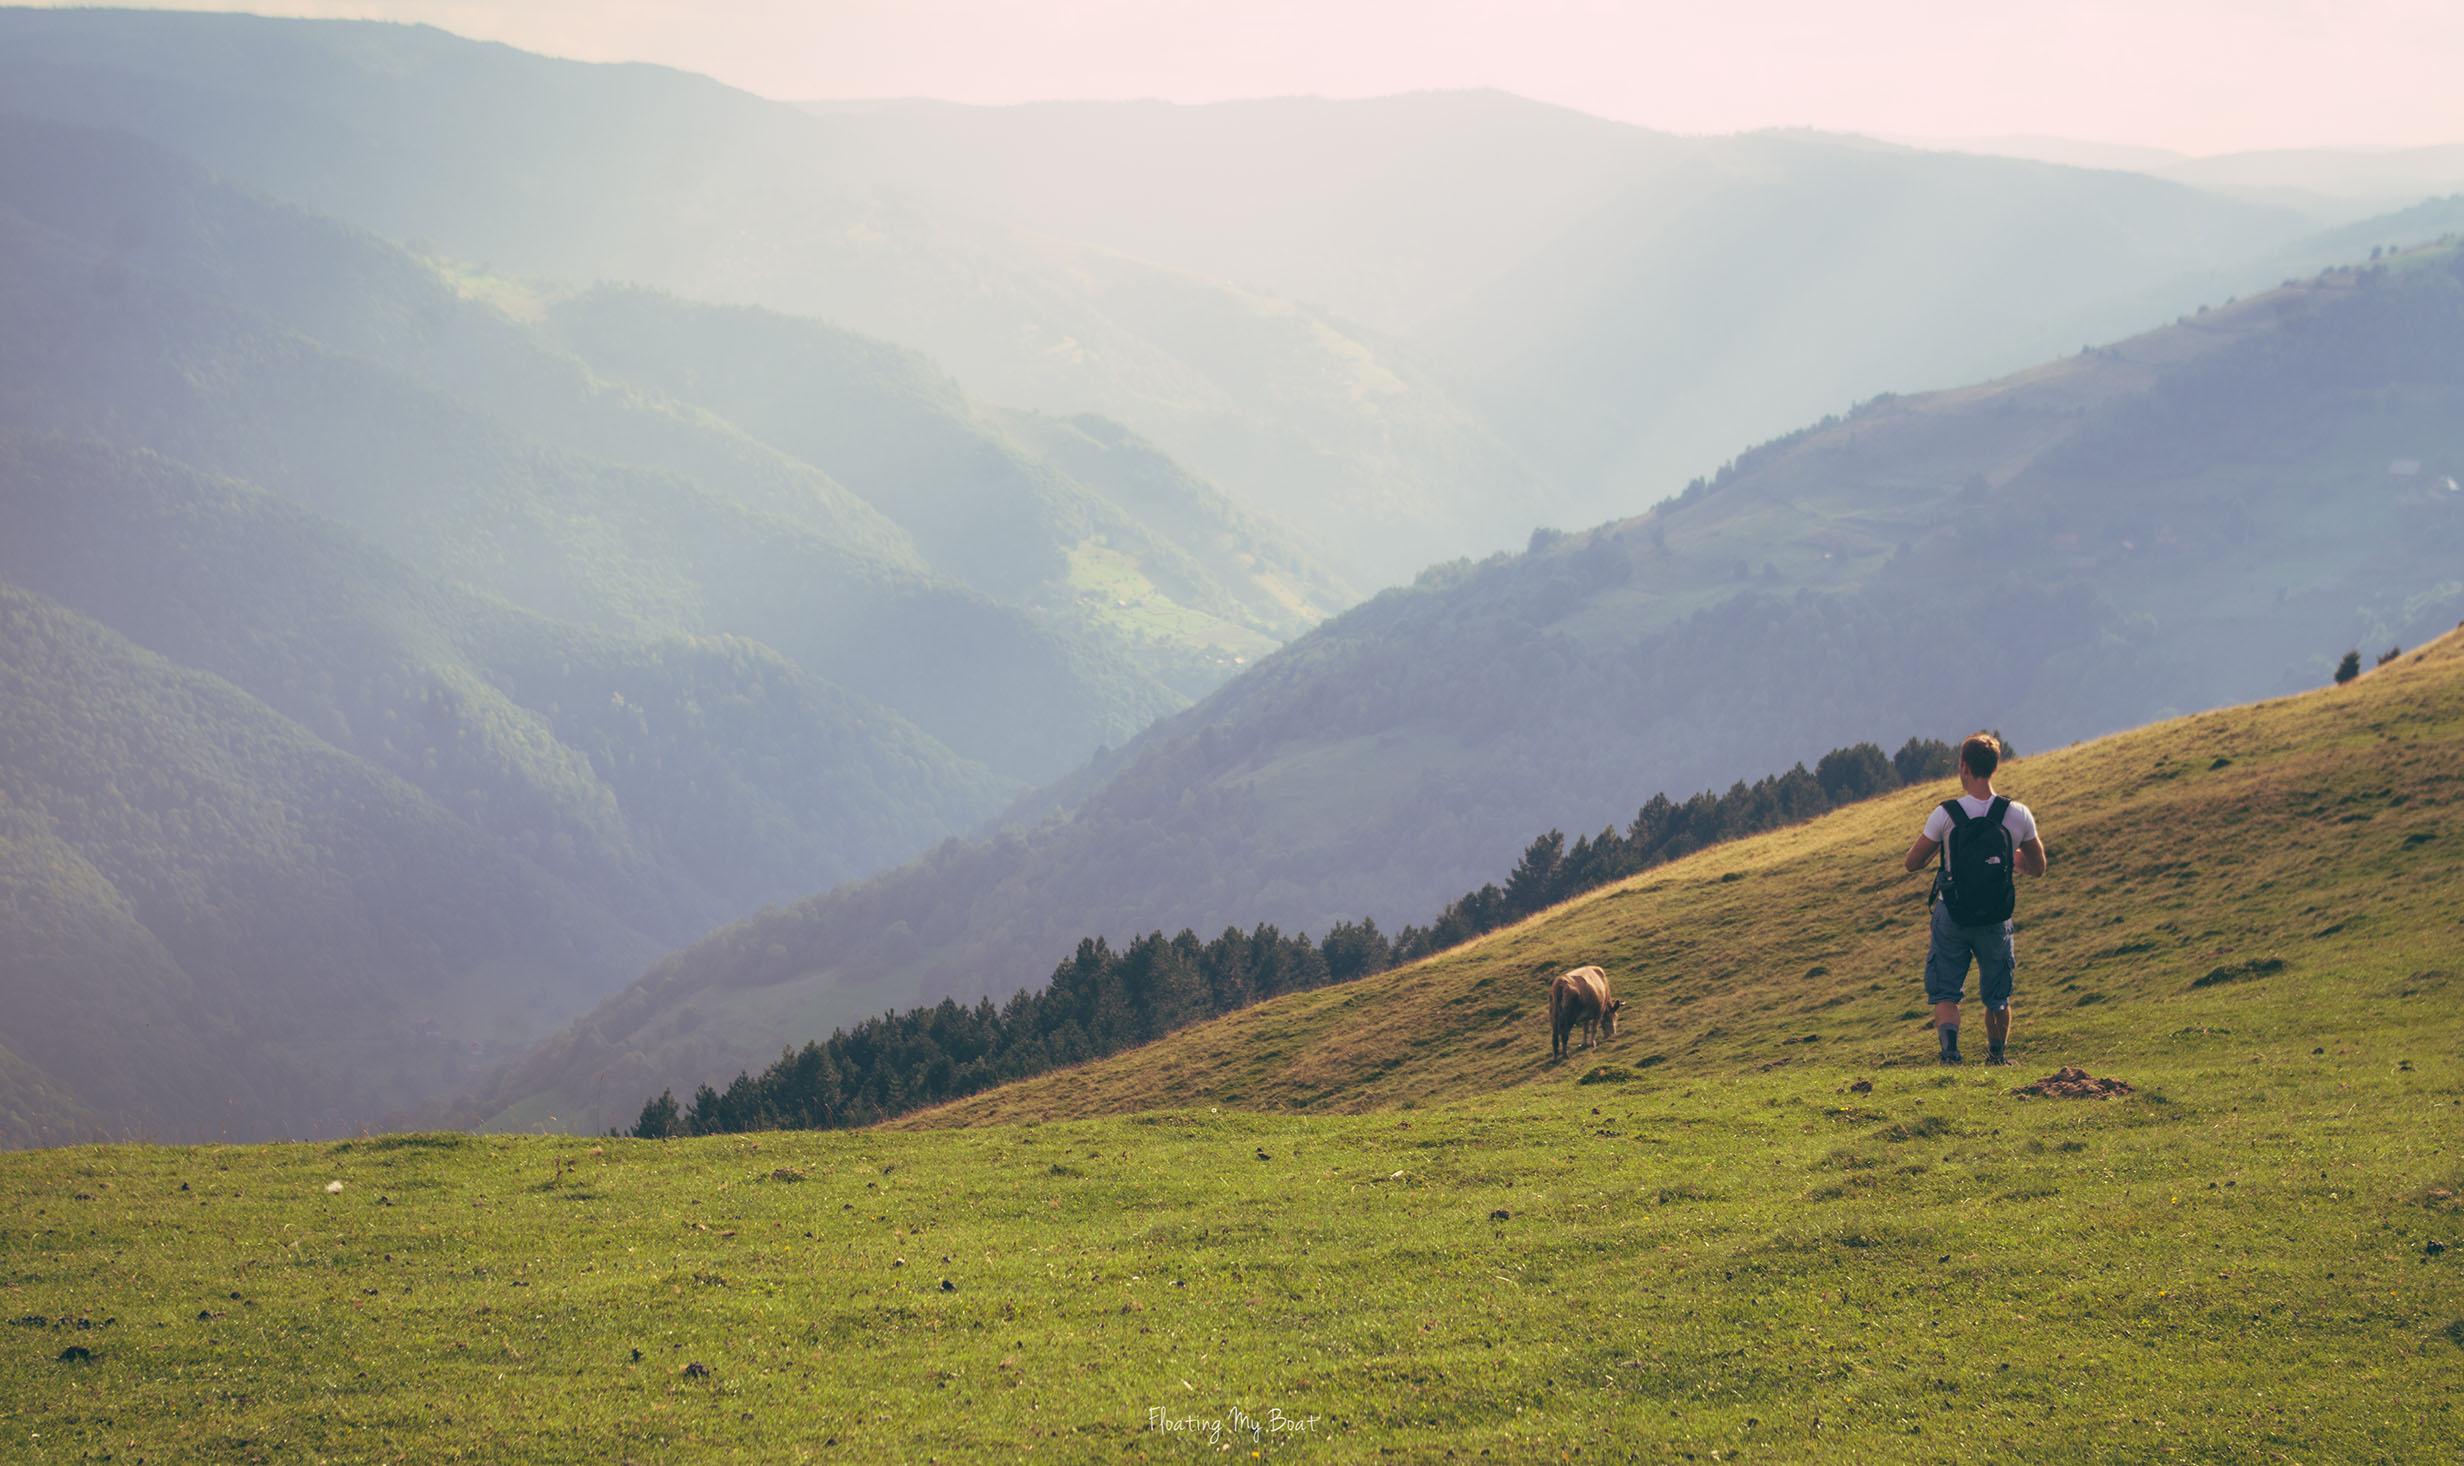 trekking-poza-szlakiem-trasa-trekkingowa-rumunia-trekking-transylwania-kluz